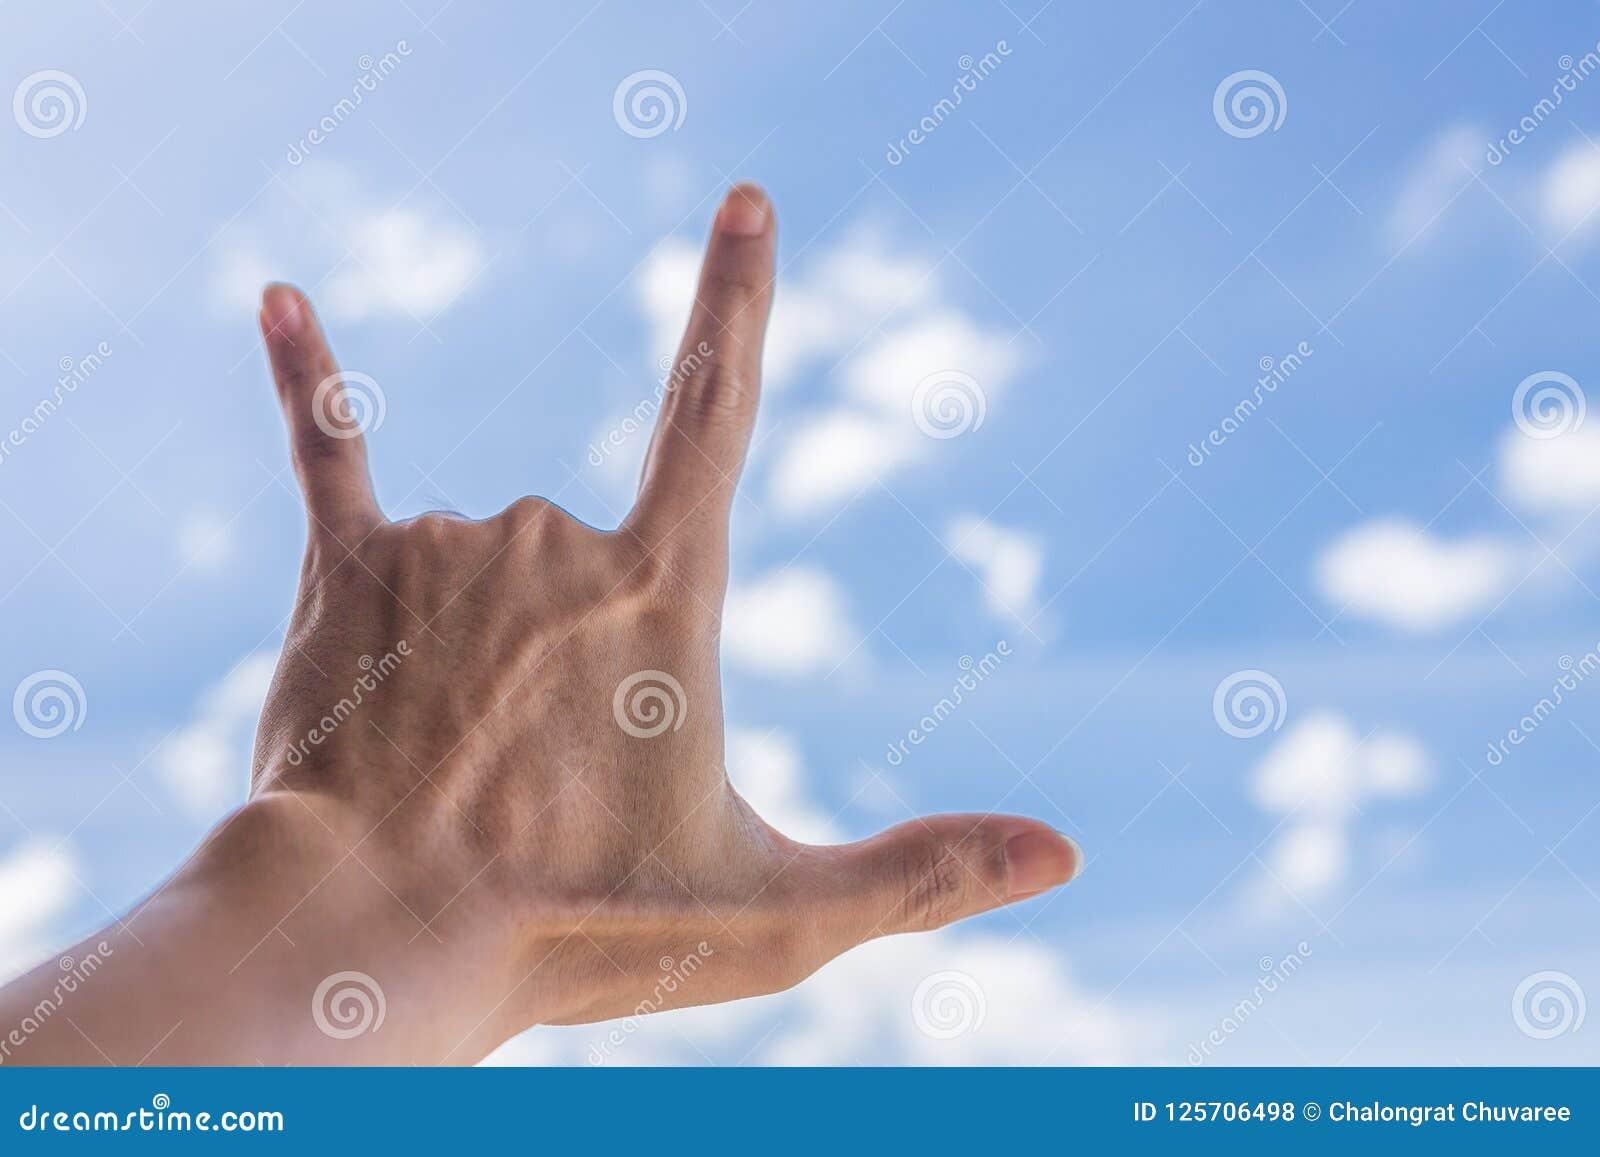 Ich liebe dich Handzeichen stockfoto. Bild von handzeichen